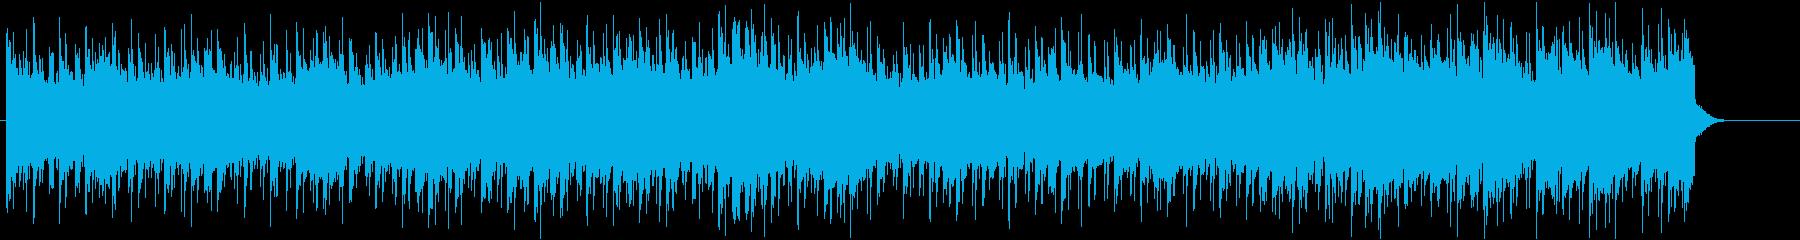 疾走感のあるもの悲しいBGMの再生済みの波形